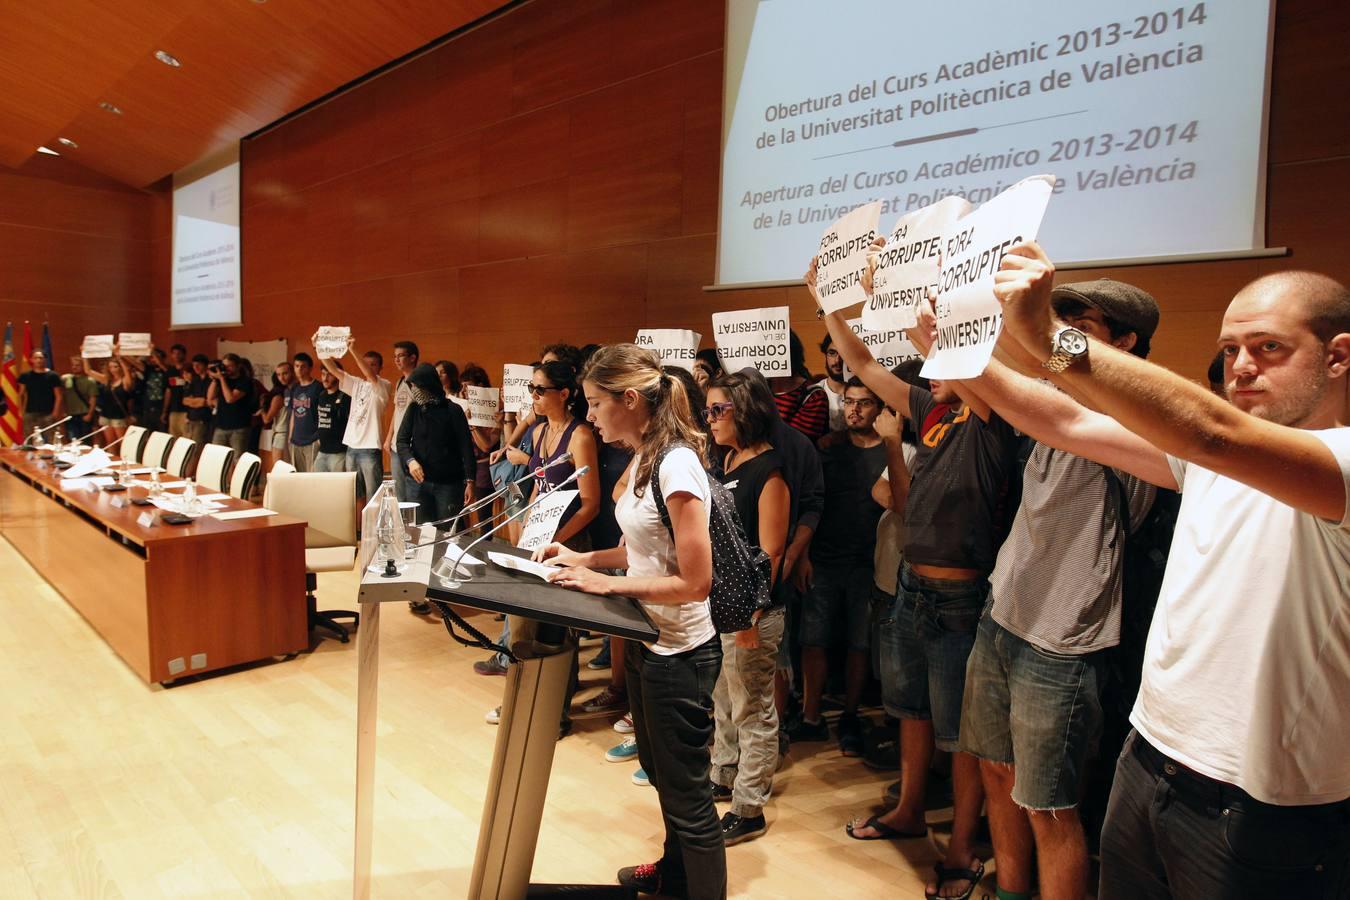 Protesta de Estudiantes en la Politècnica de Valencia en el arranque del curso